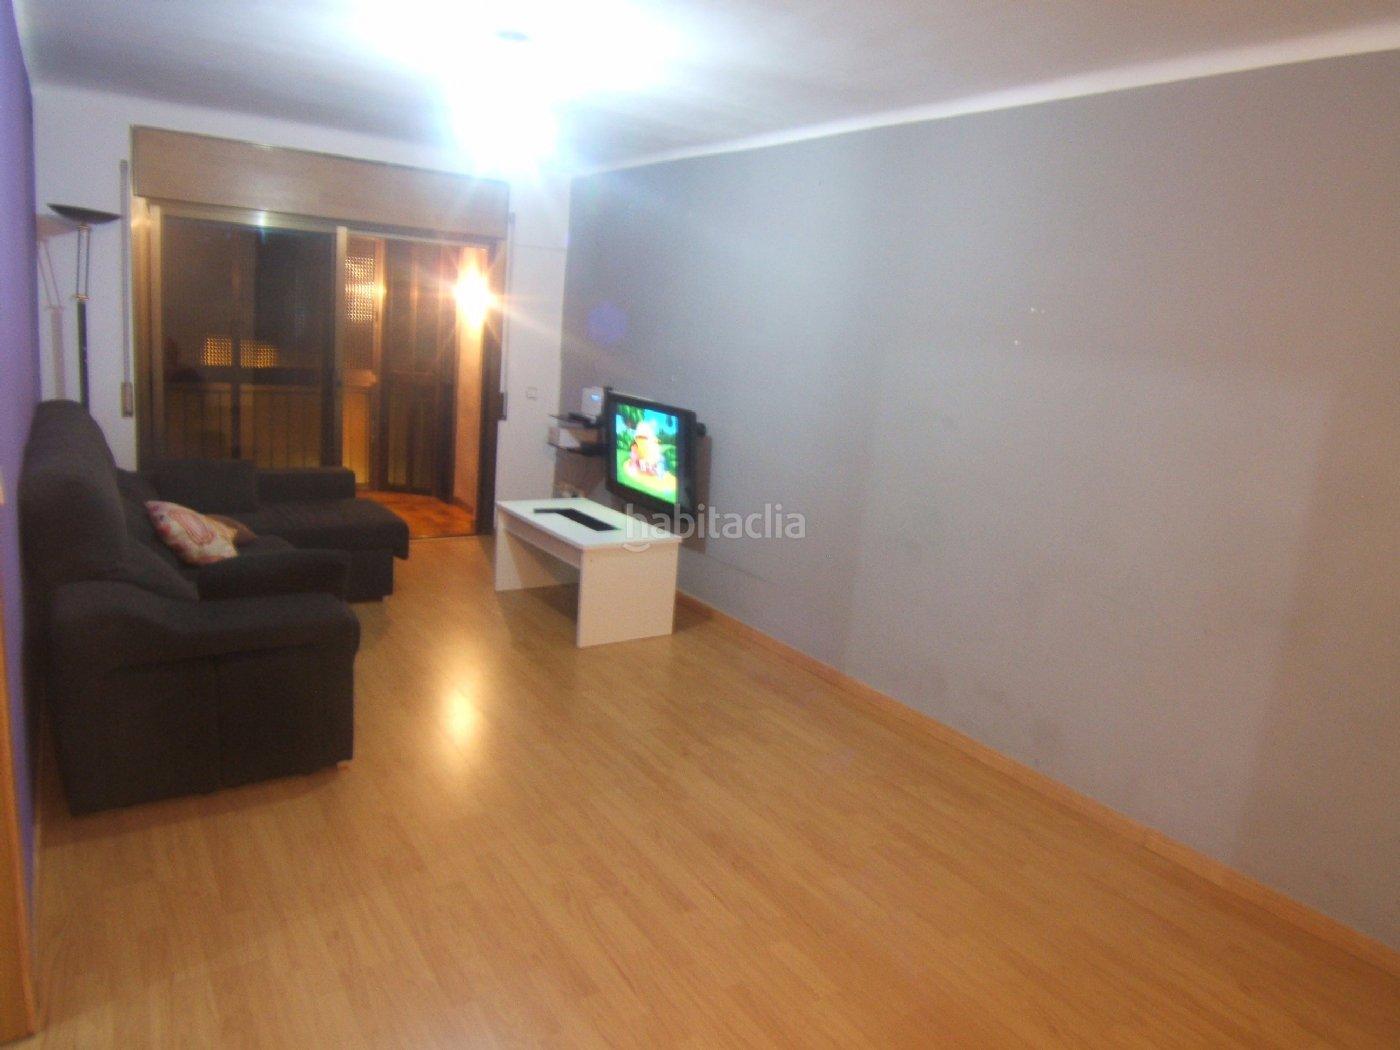 piso por de 90 metros carrer singuerlin 50 piso